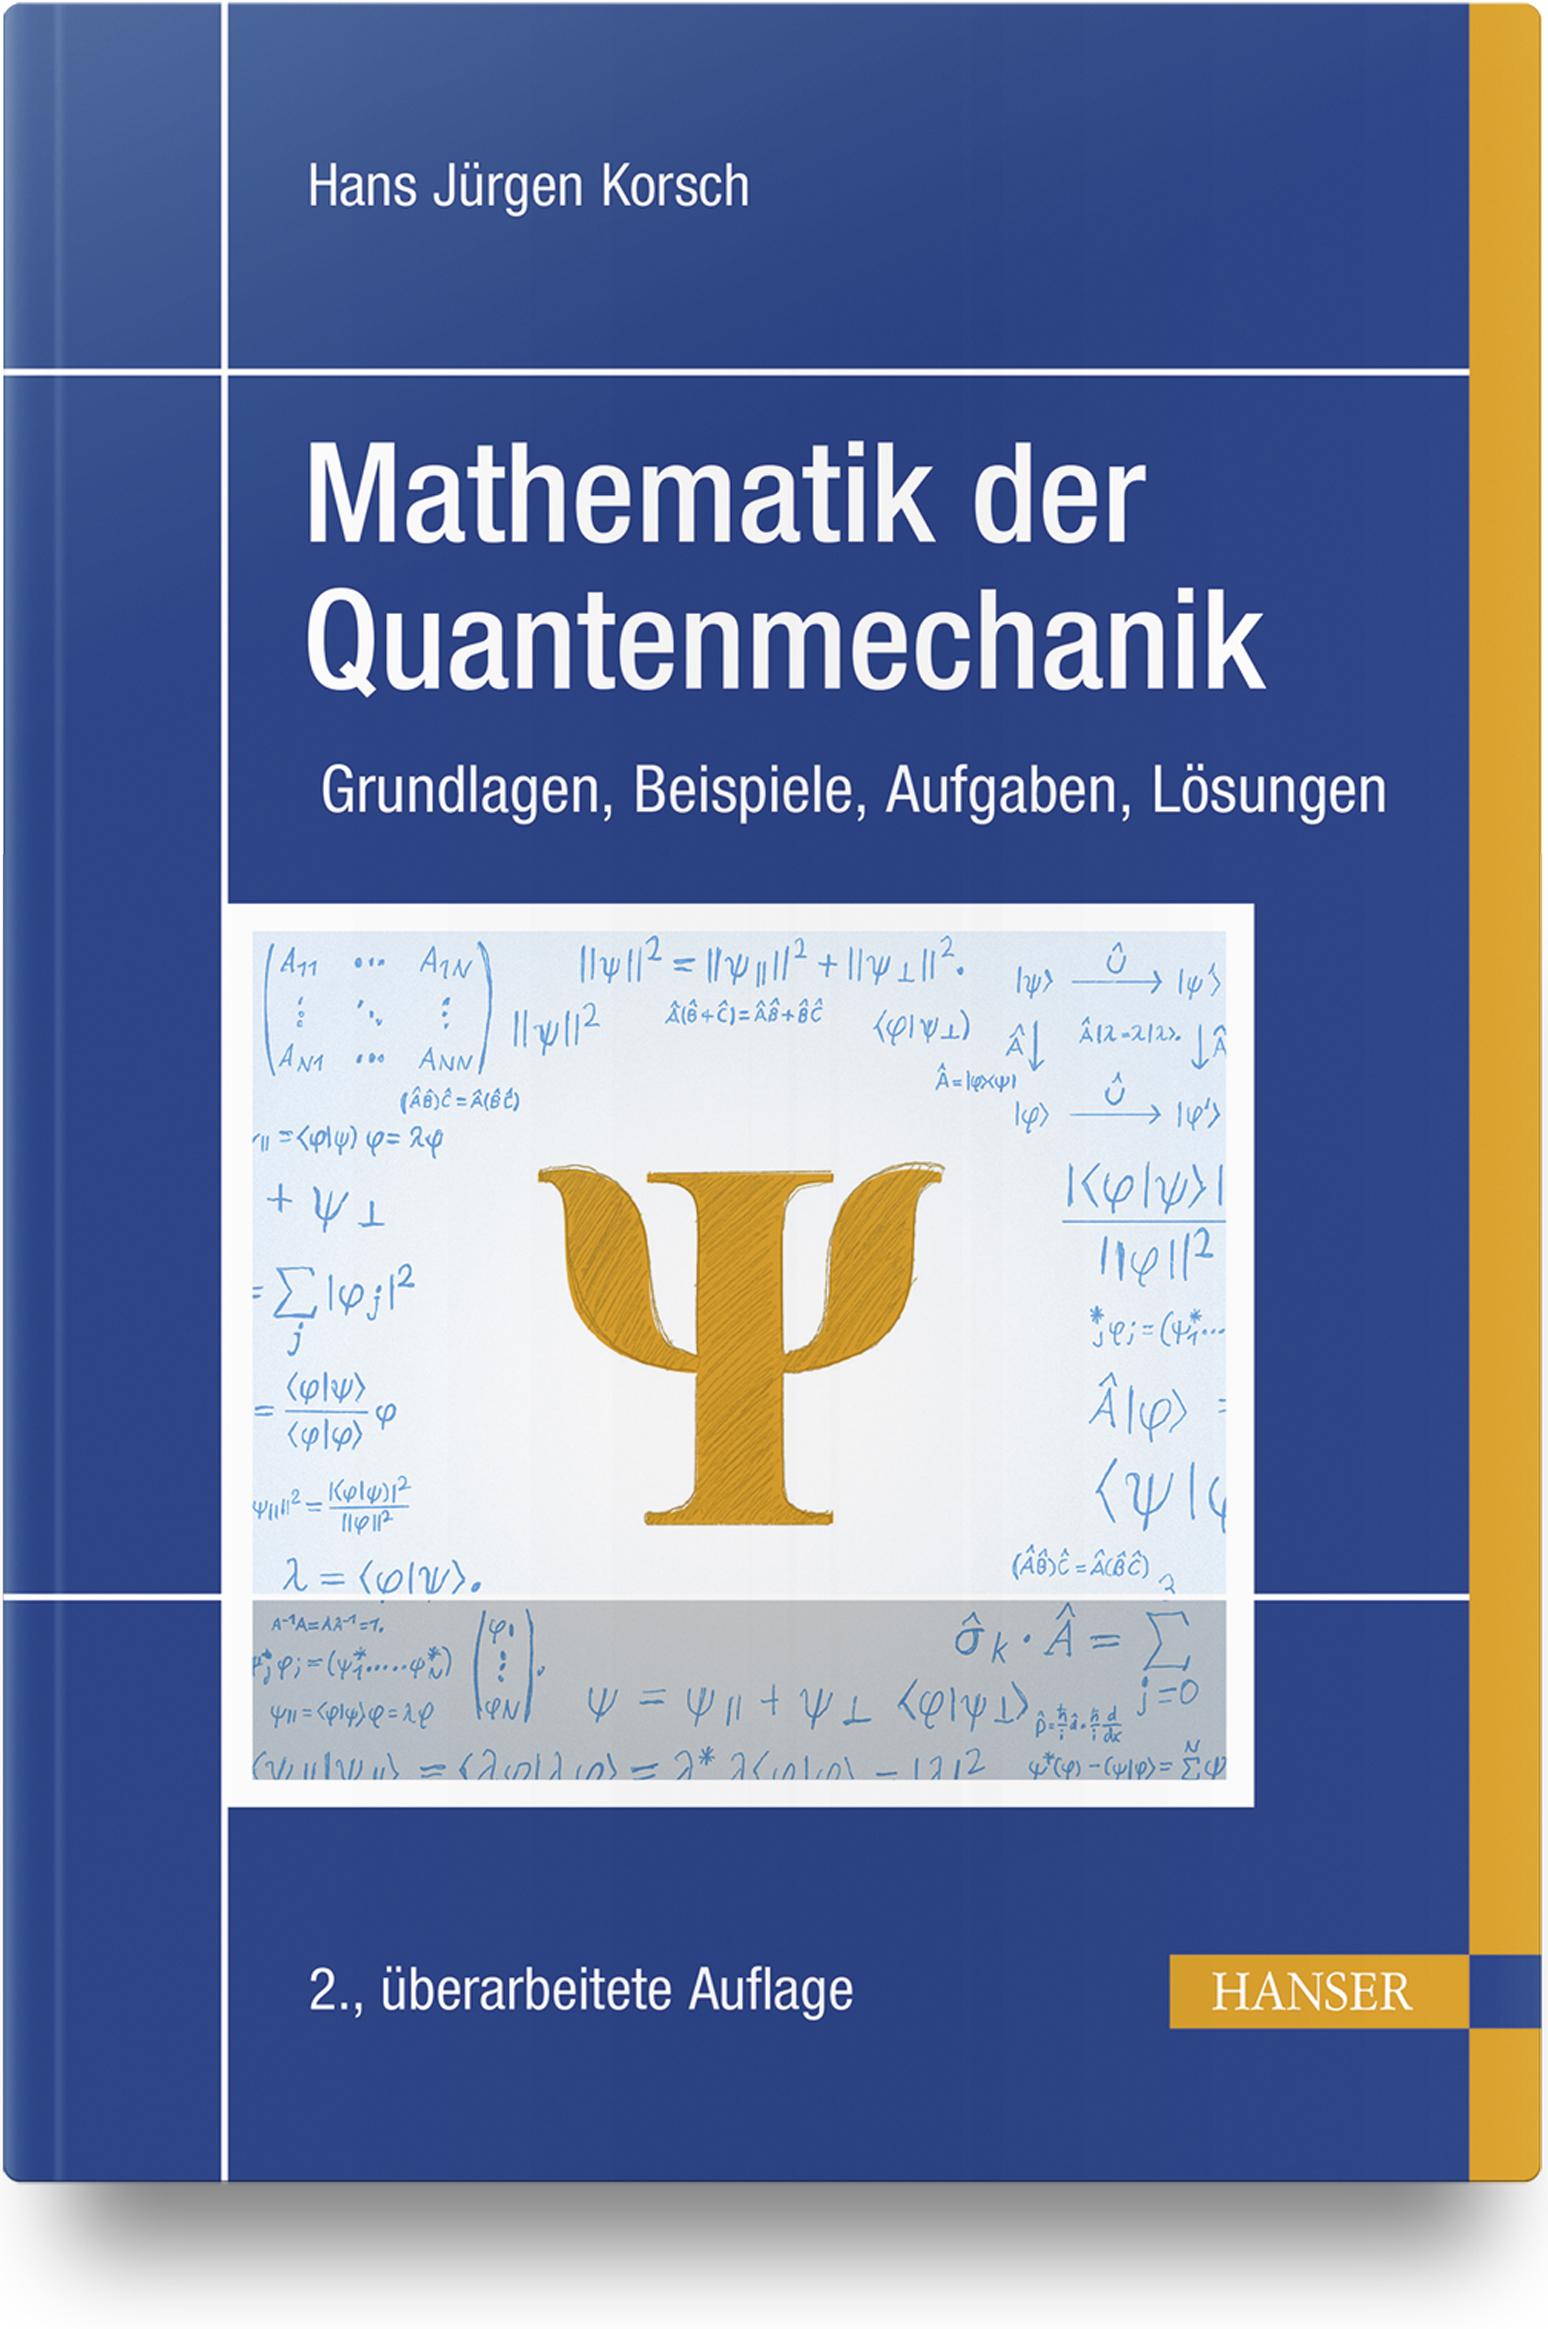 Korsch, Mathematik der Quantenmechanik, 978-3-446-46226-7